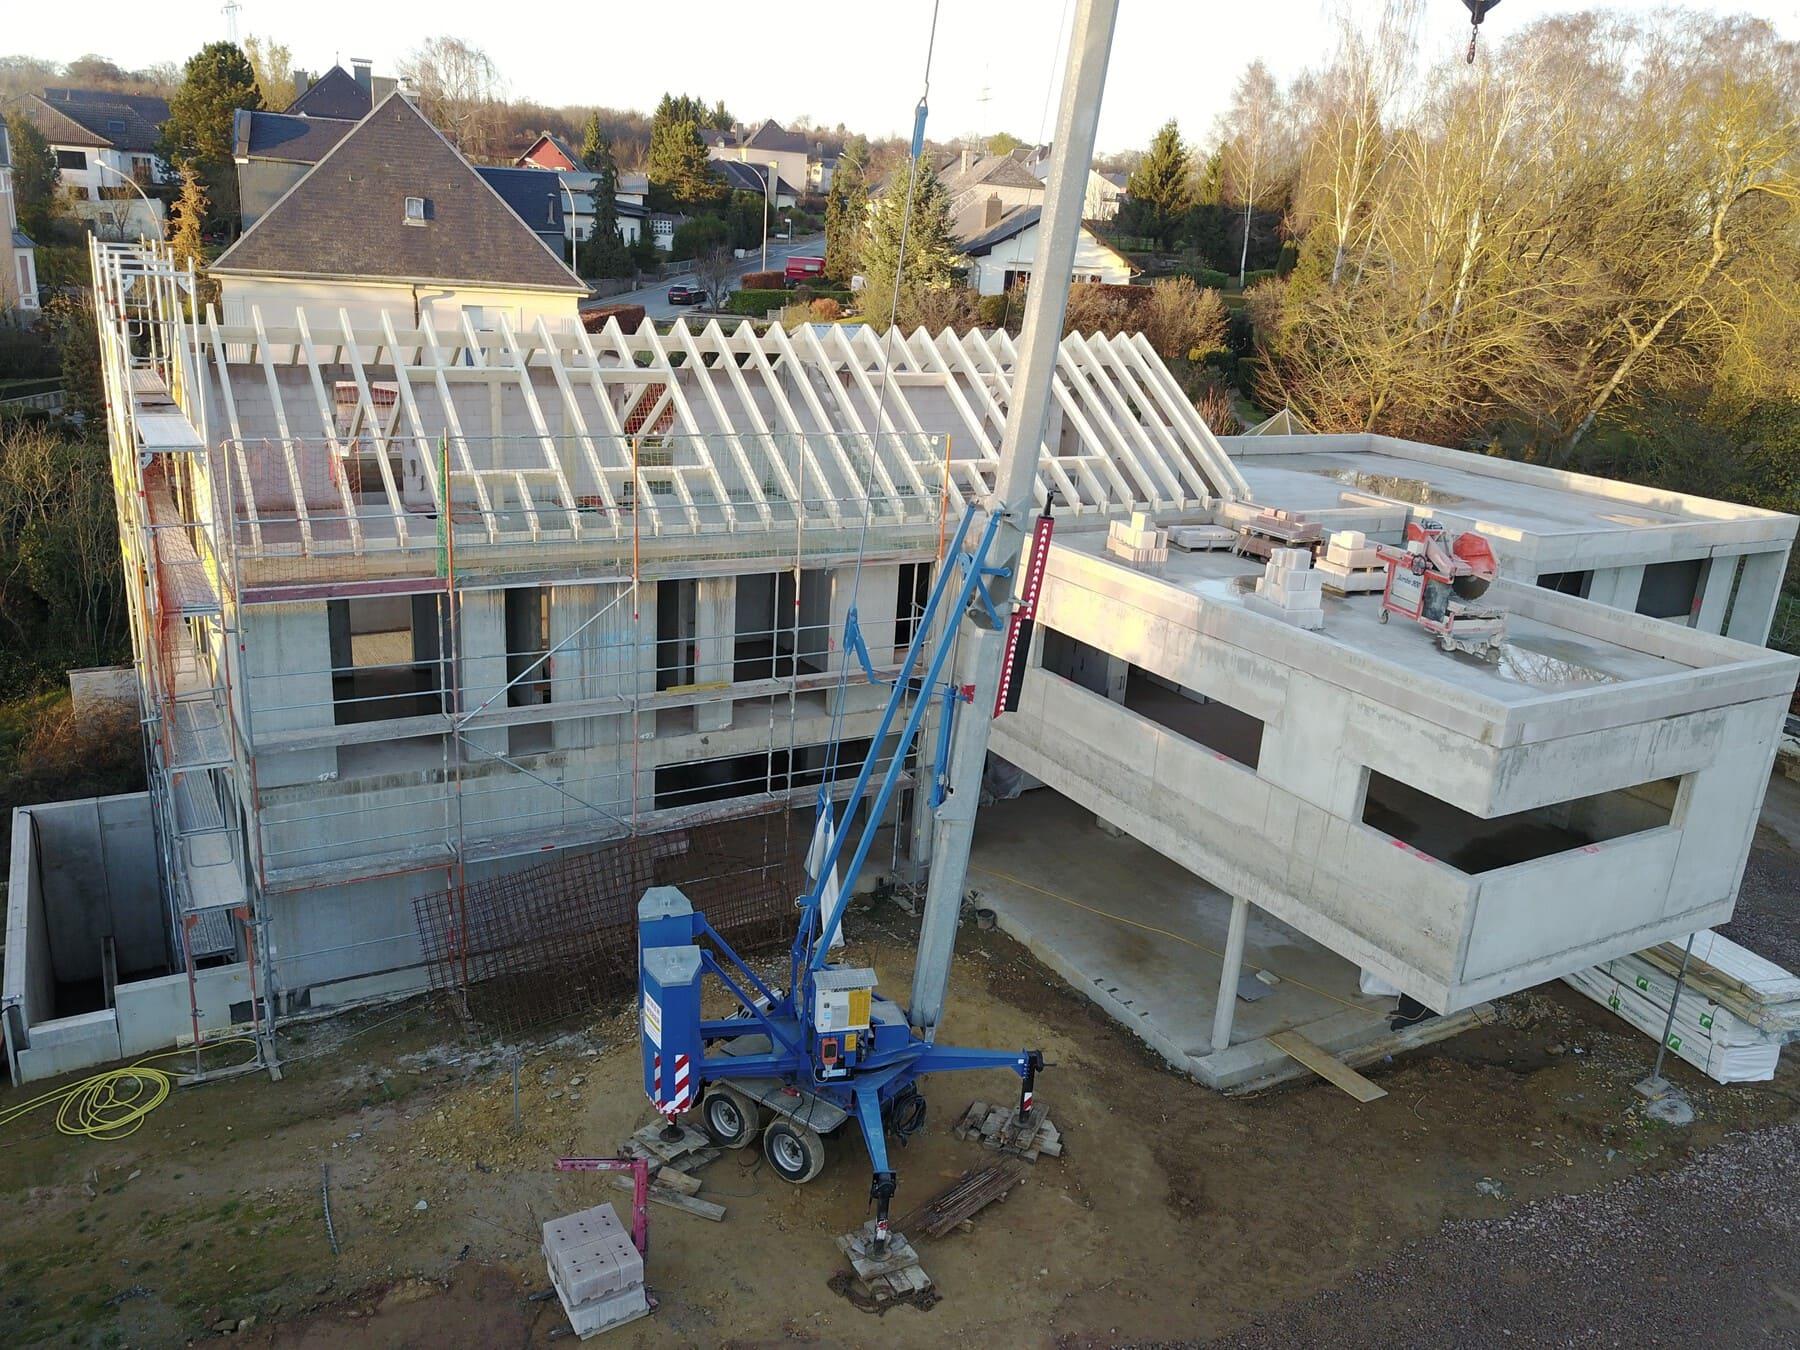 Rohbau eines Hauses und Baustelle mit Kran und Gerüsten - Bauleistung